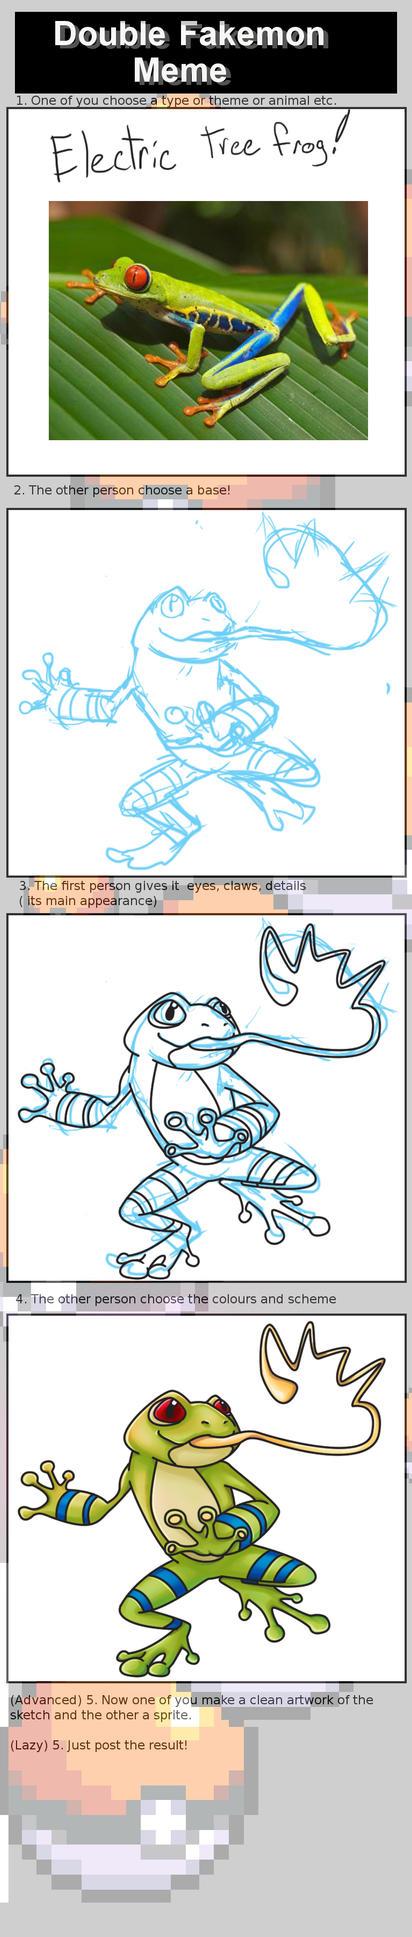 Dubble Fakemon Meme by pen-gwyn